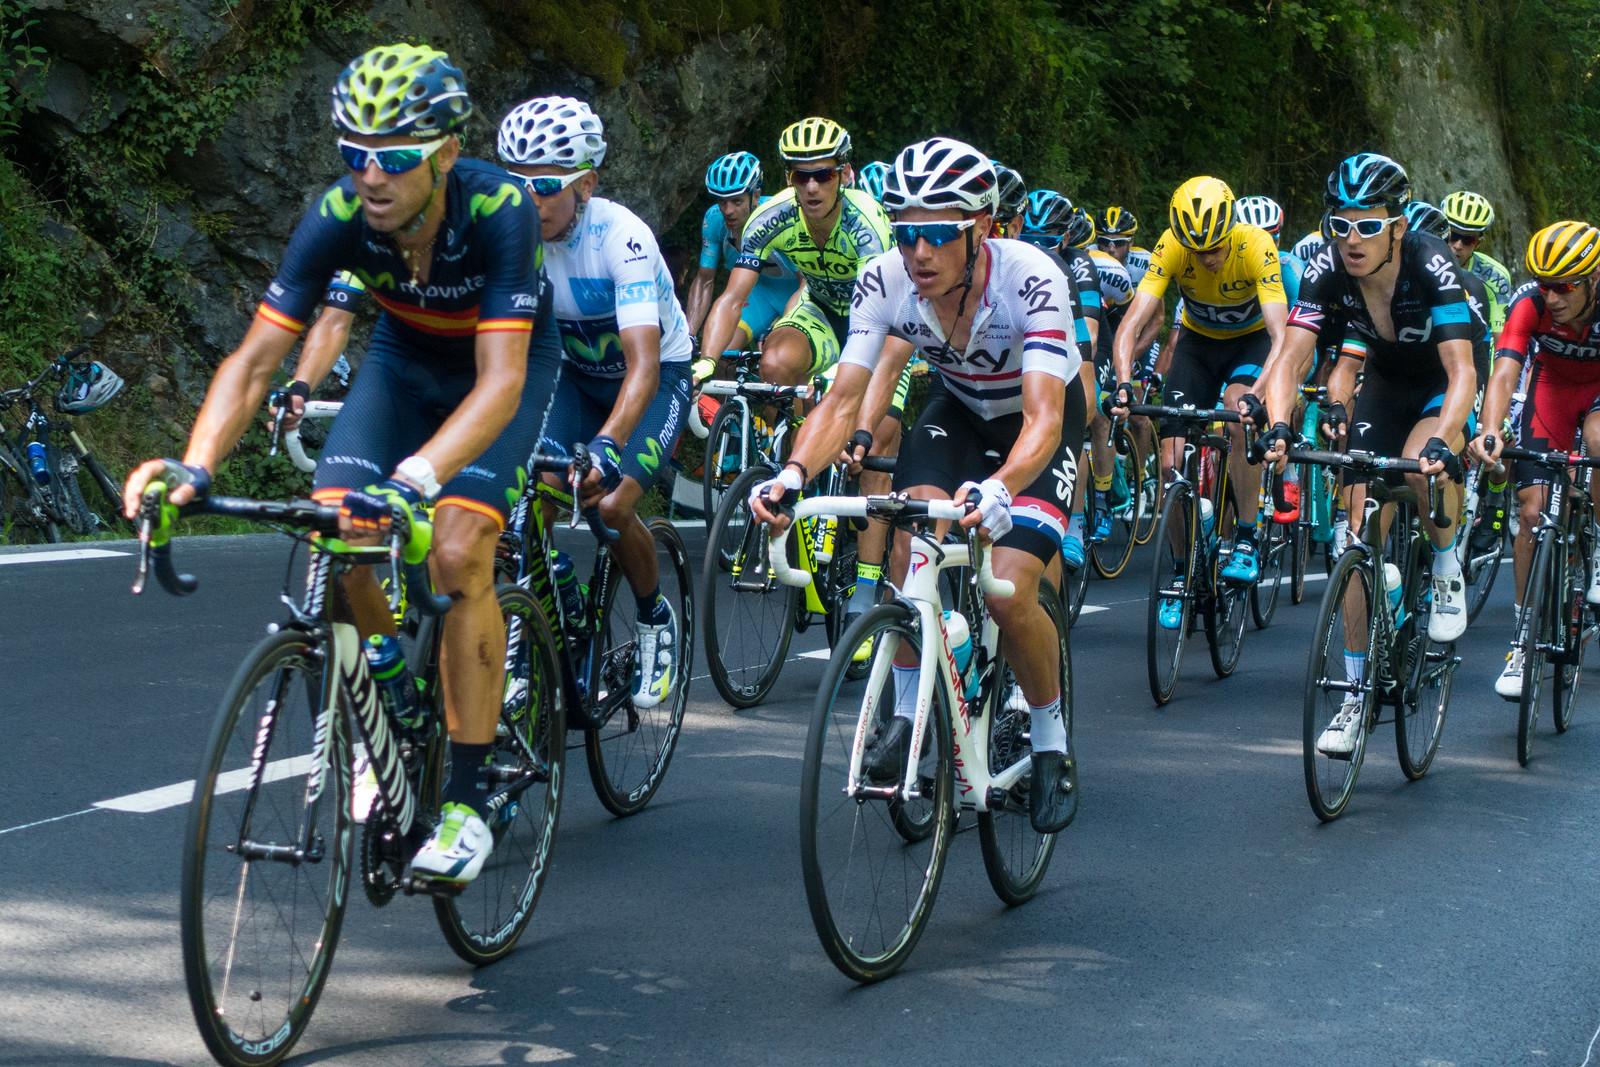 Tour de France 2015 - Stage 10-13